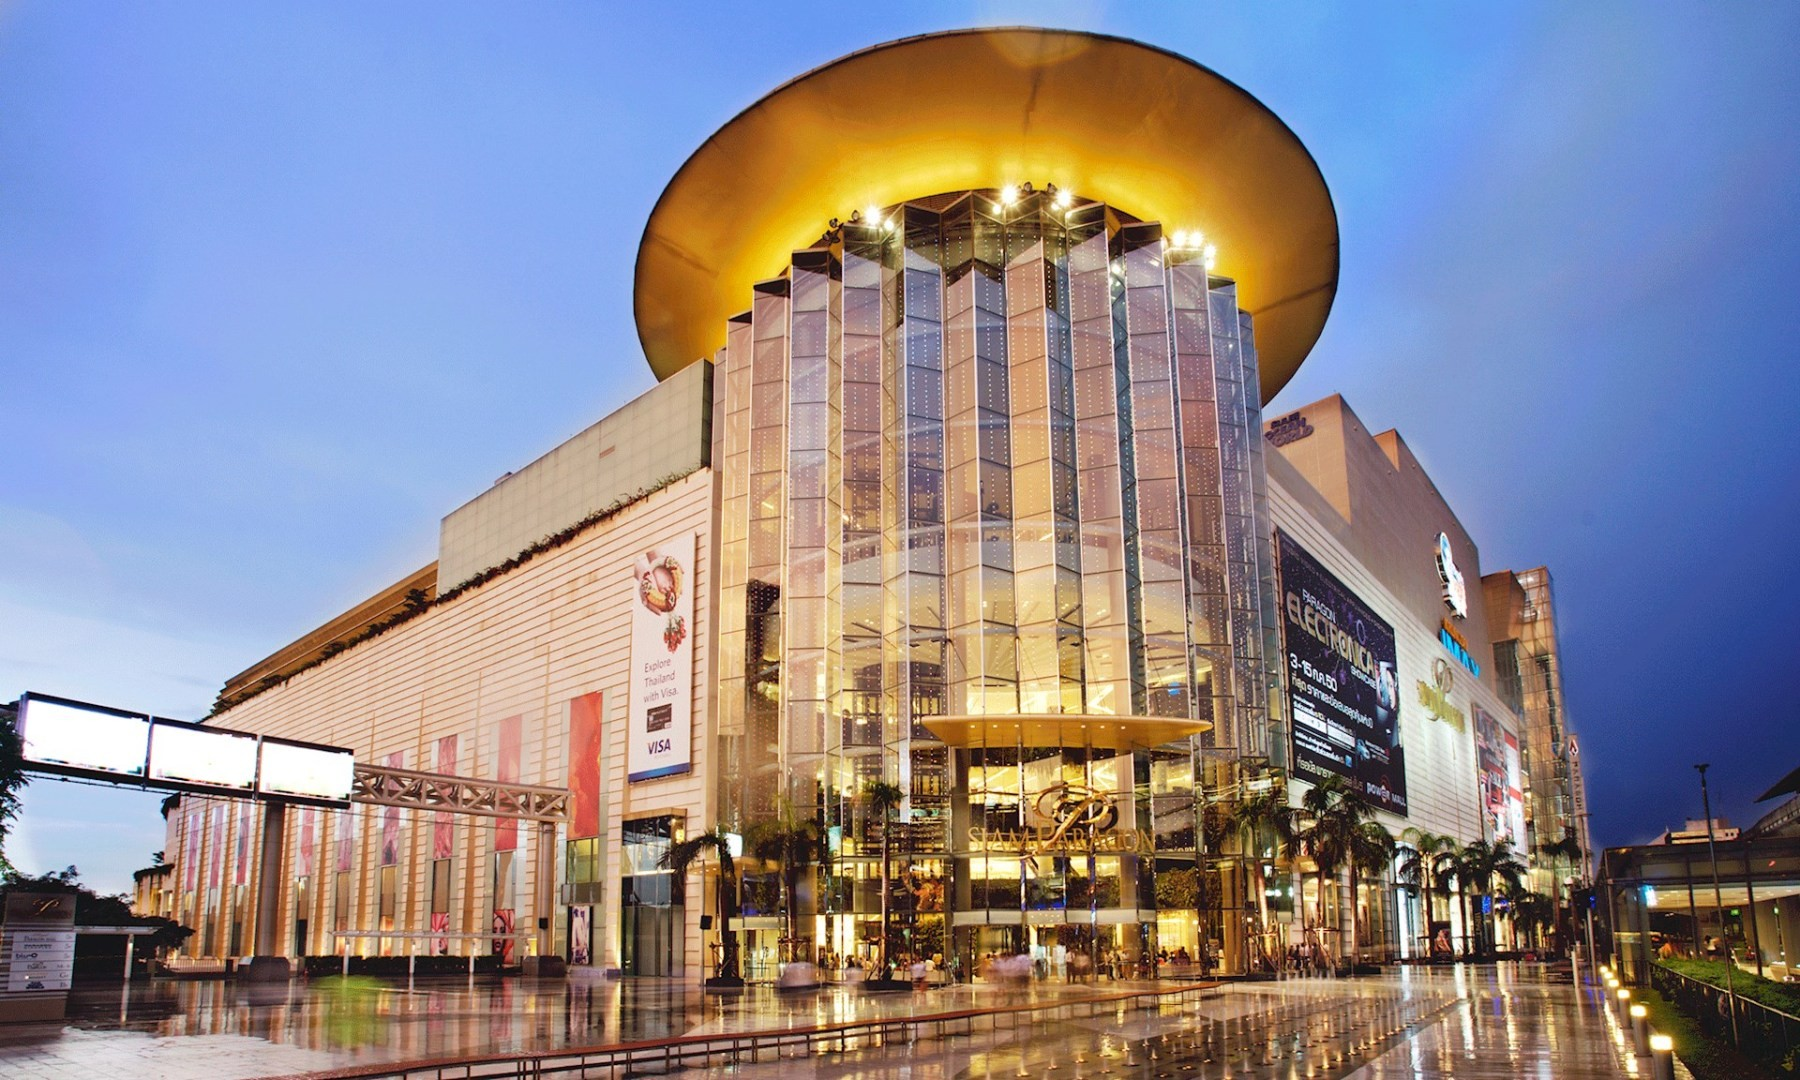 Siam Paragon - nơi mua sắm Thái Lan được yêu thích